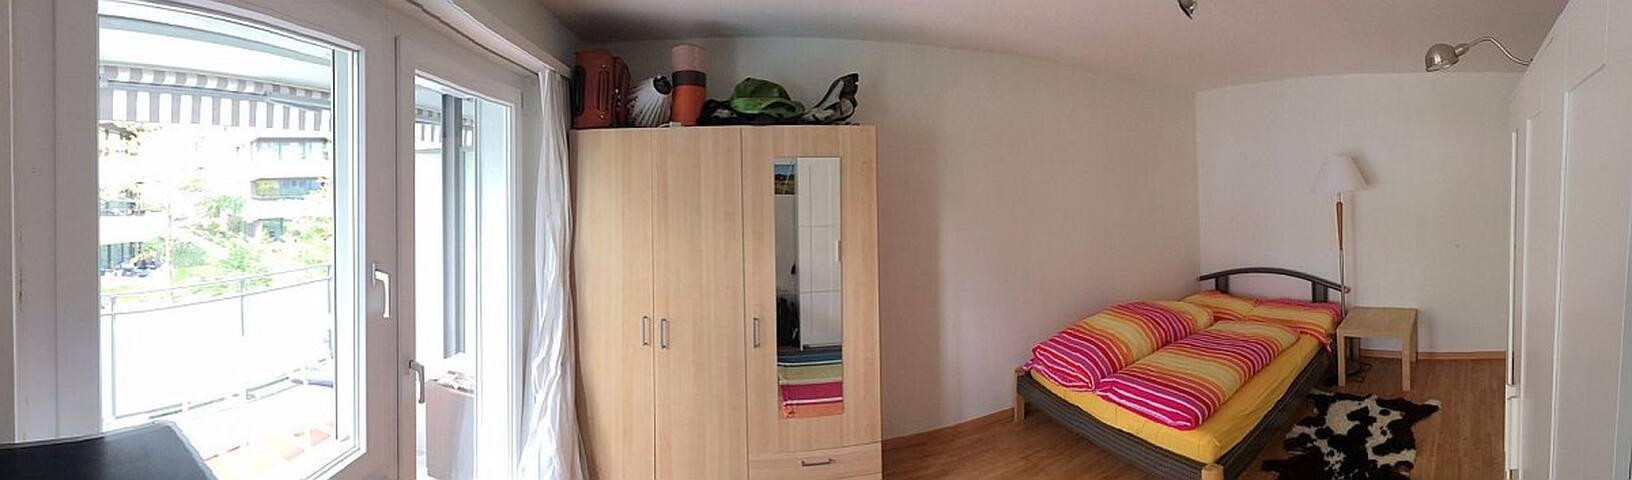 Helle und See-nahe Wohnung - Kreis2 - Zuric - Pis